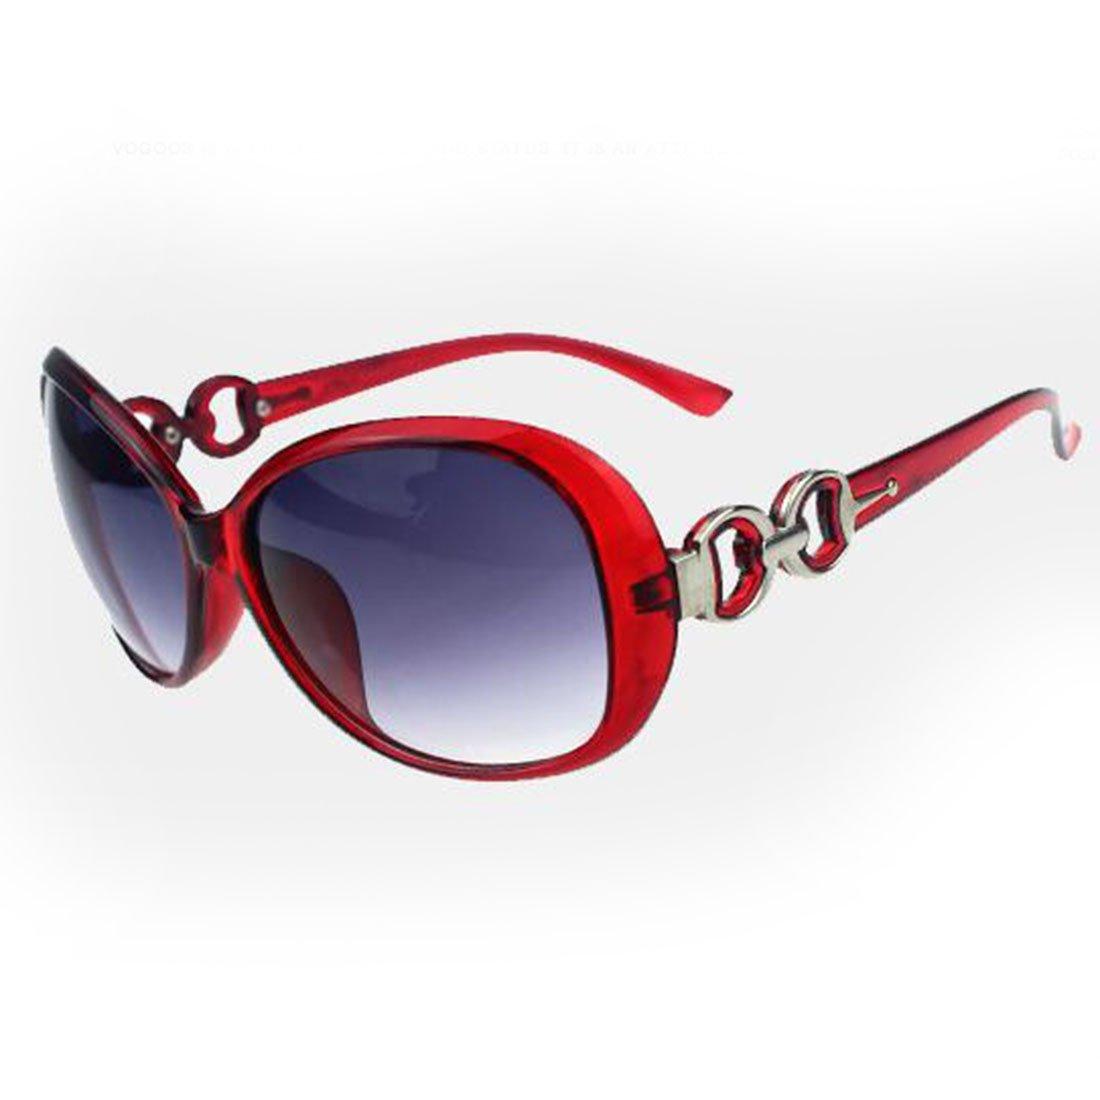 Fashion?Life Women Shades Oversized Eyewear Classic Designer Sunglasses UV400-Red&Grey